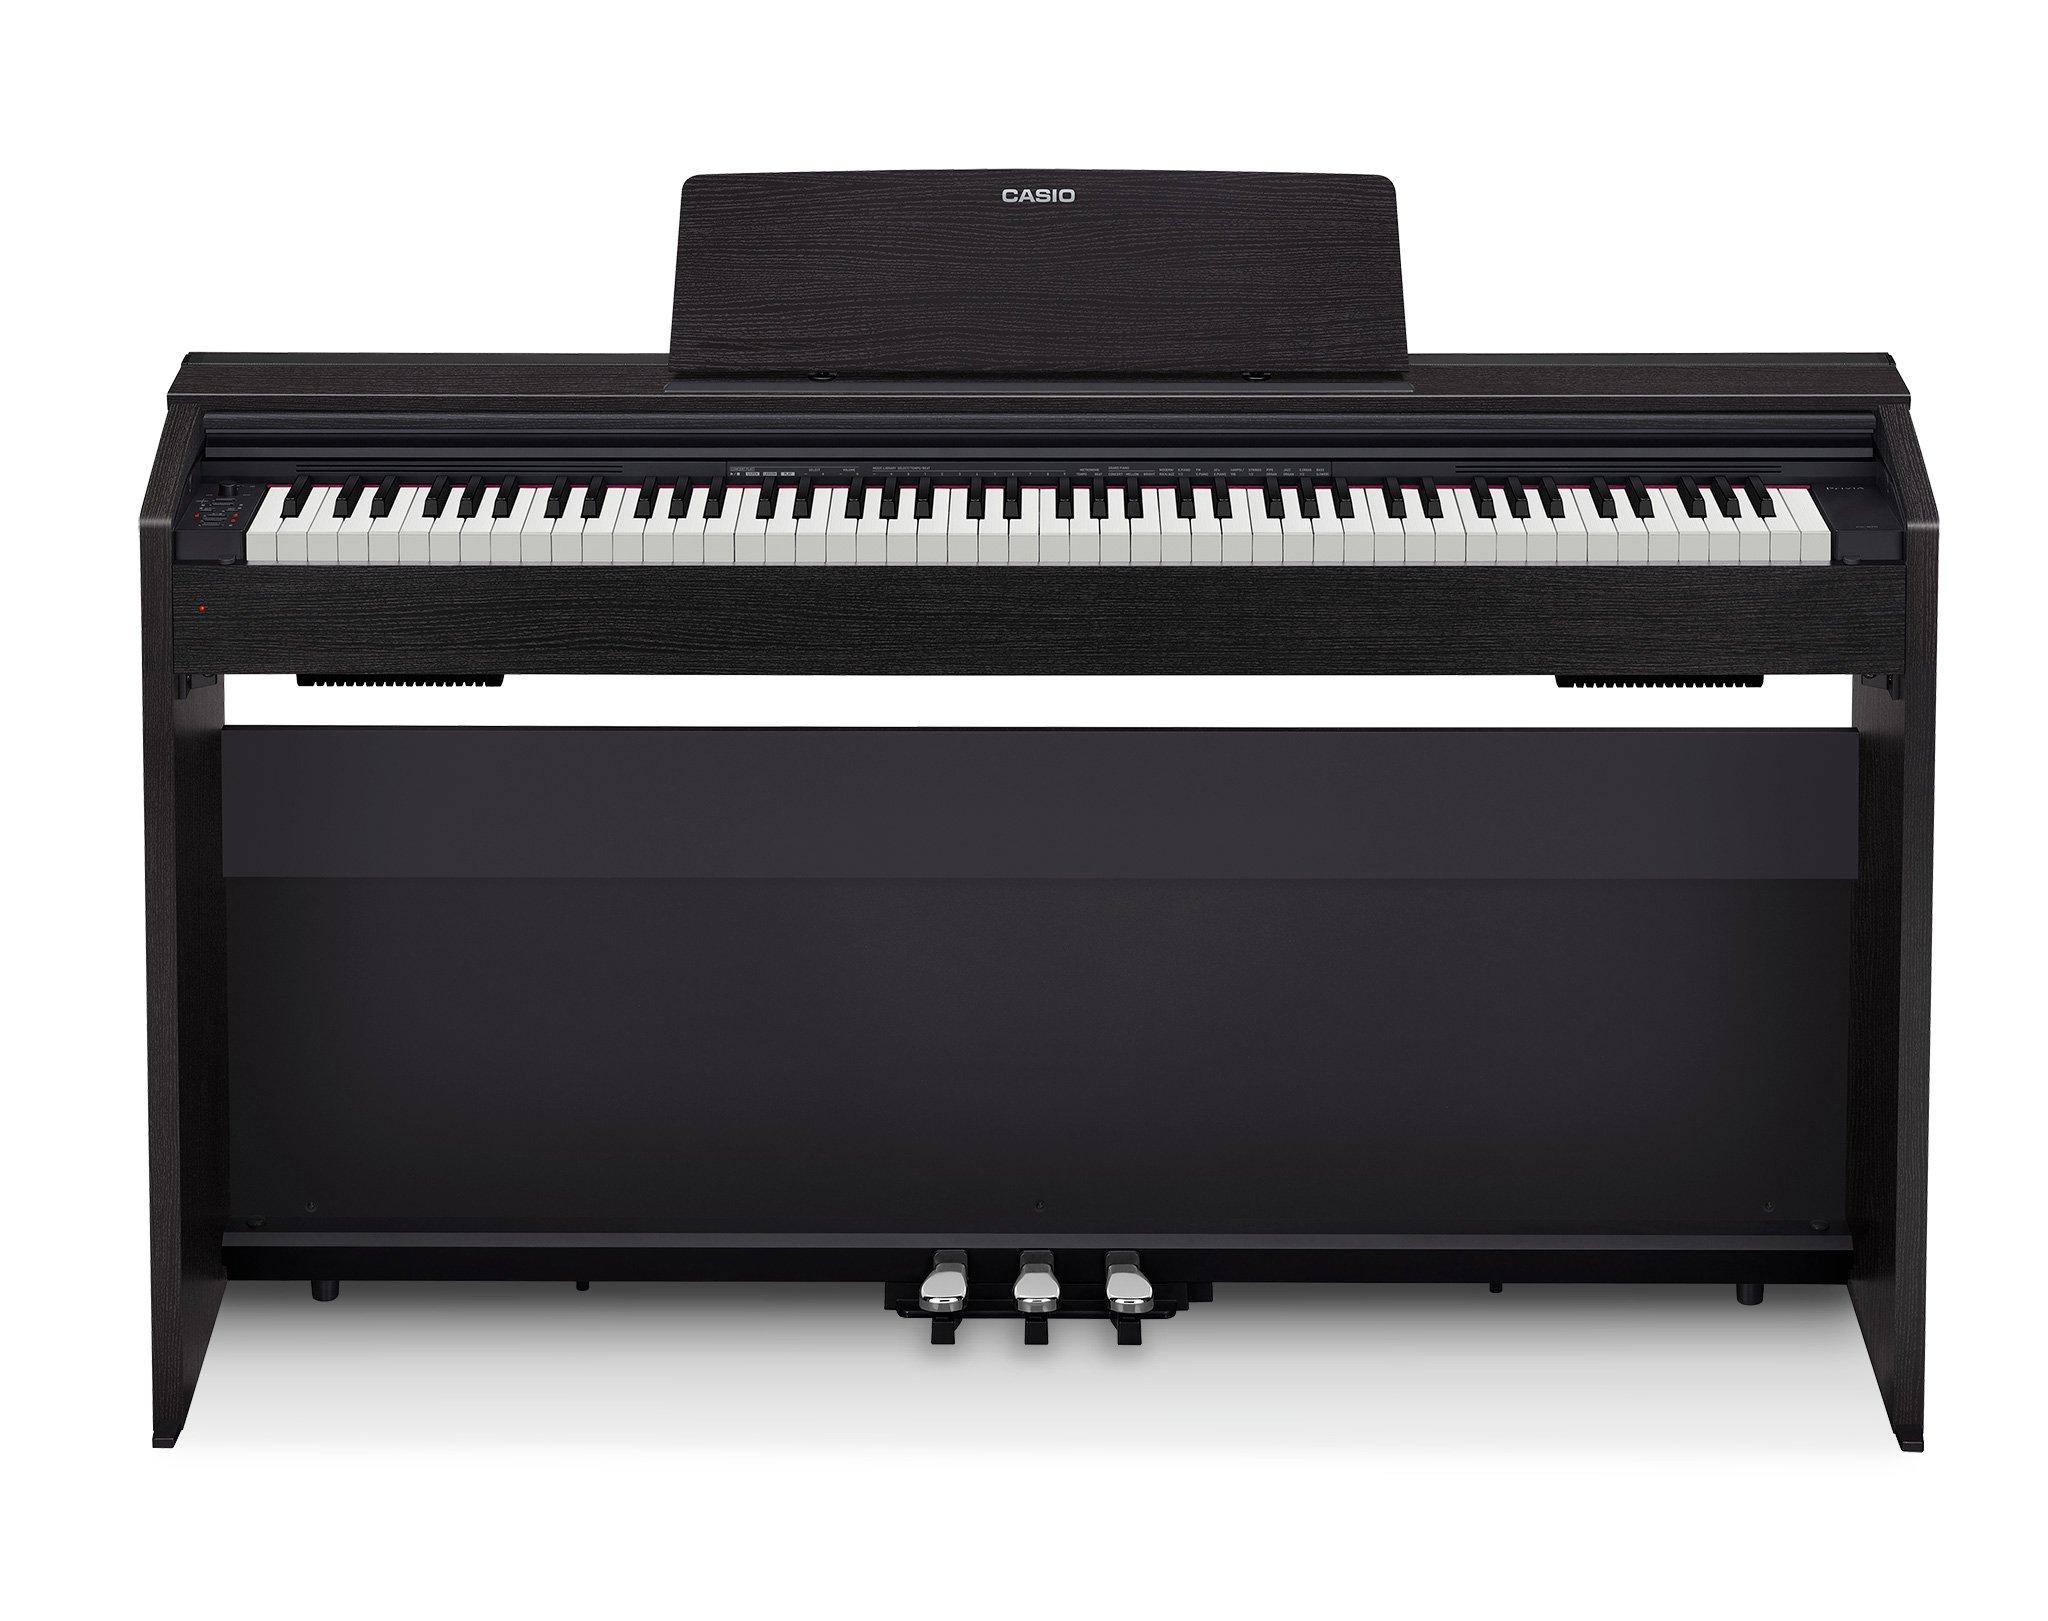 Casio PX-870 BK Privia Digital Home Piano, Black by Casio